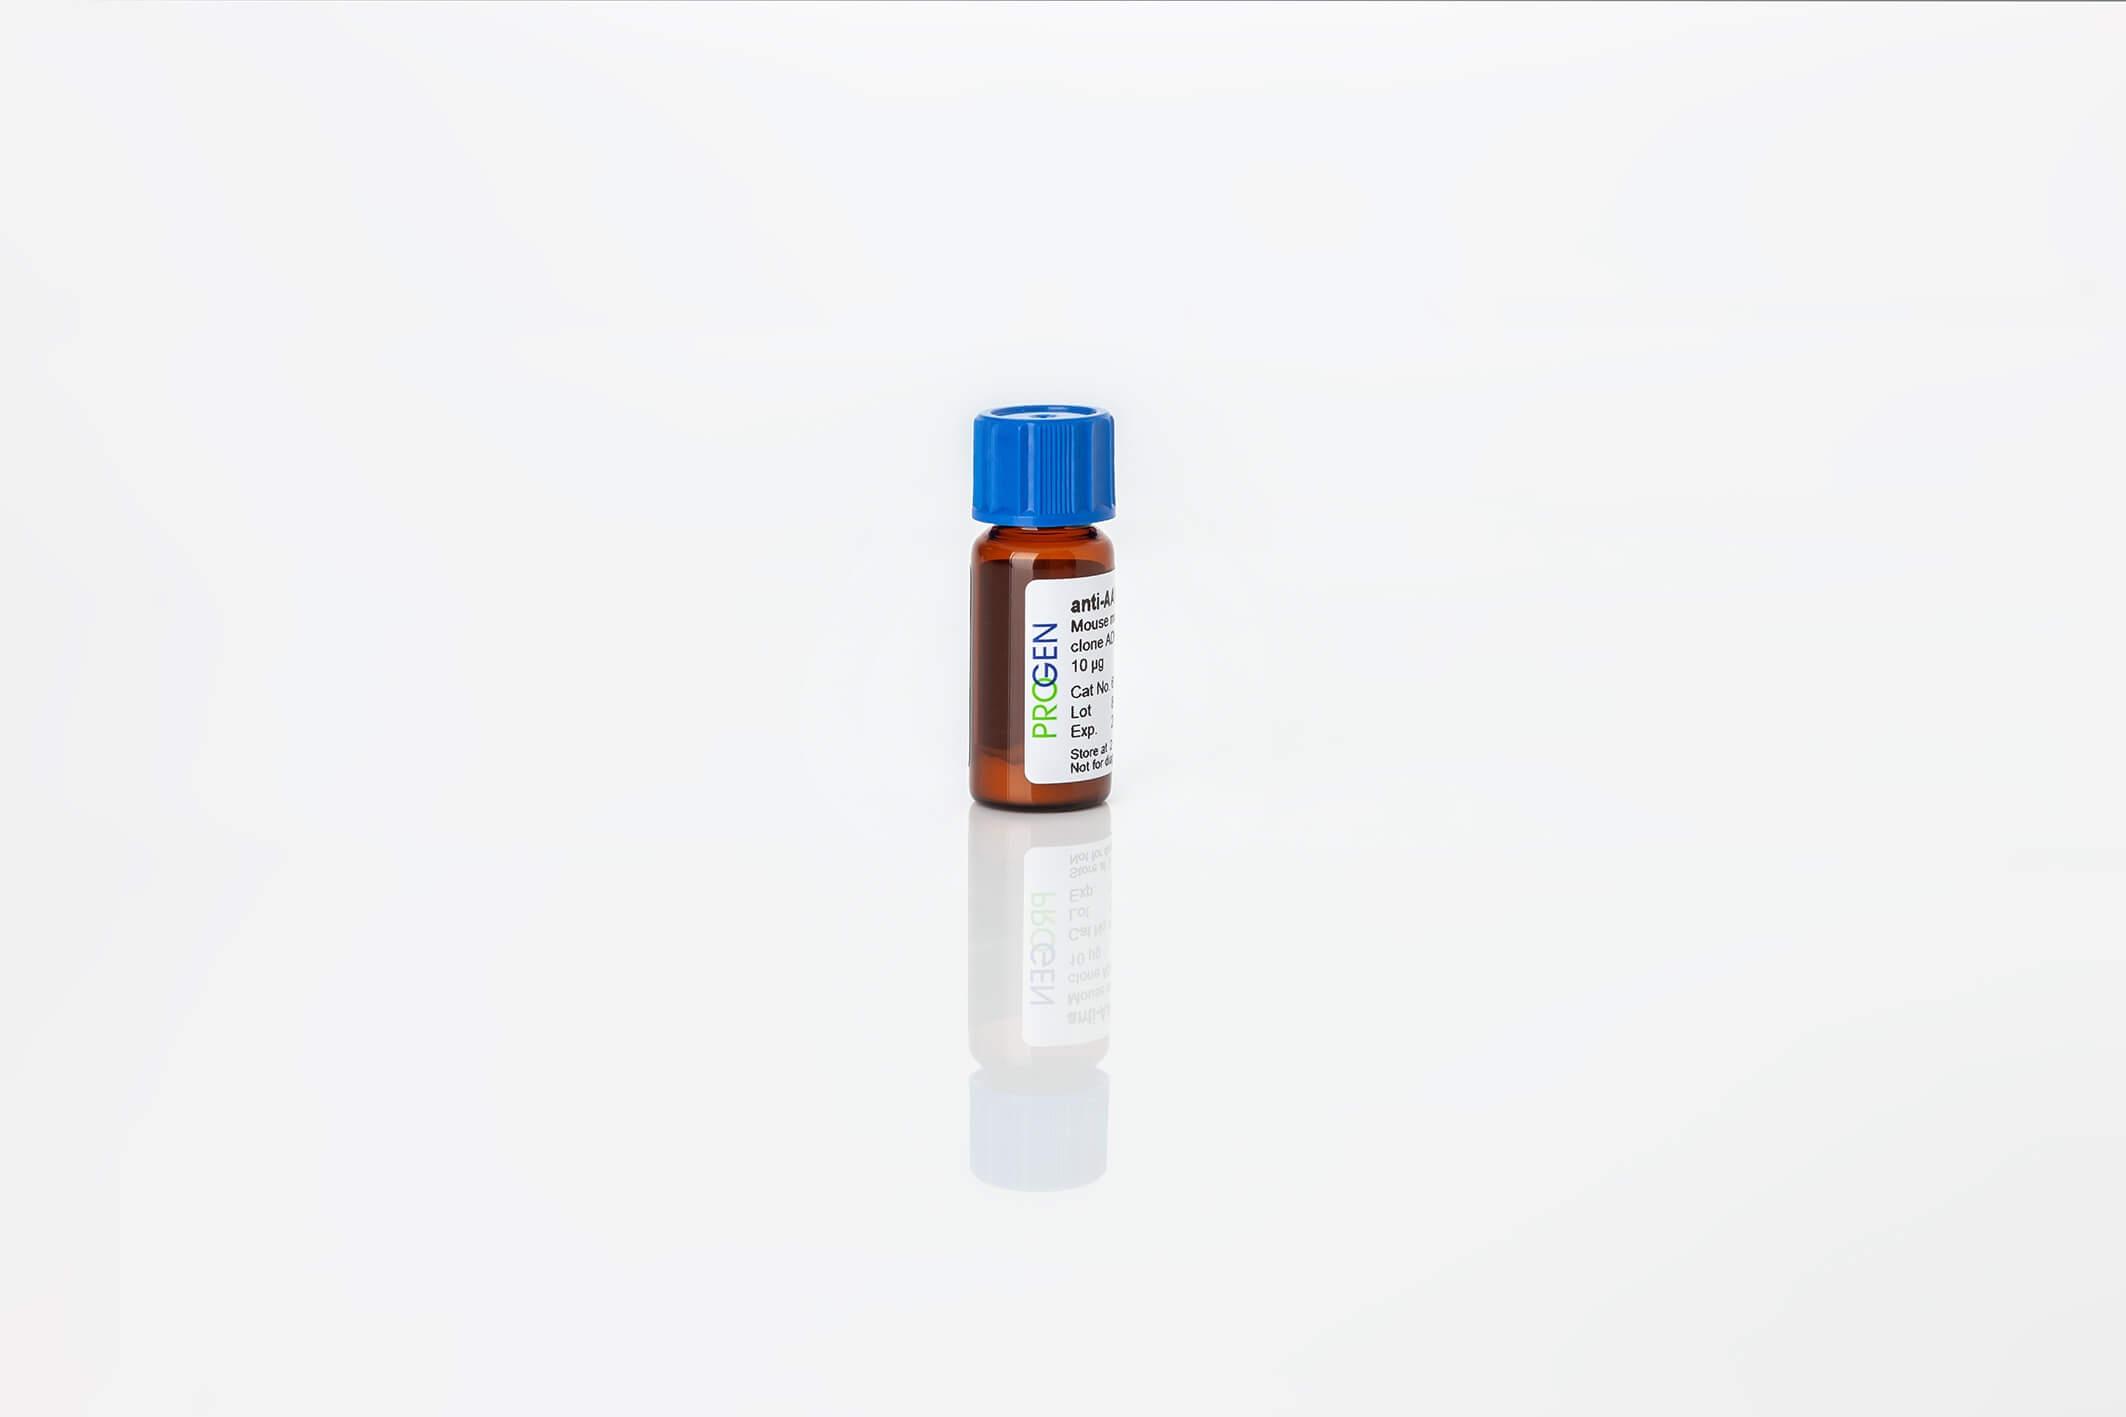 anti-Xanthine Oxidase guinea pig polyclonal, serum